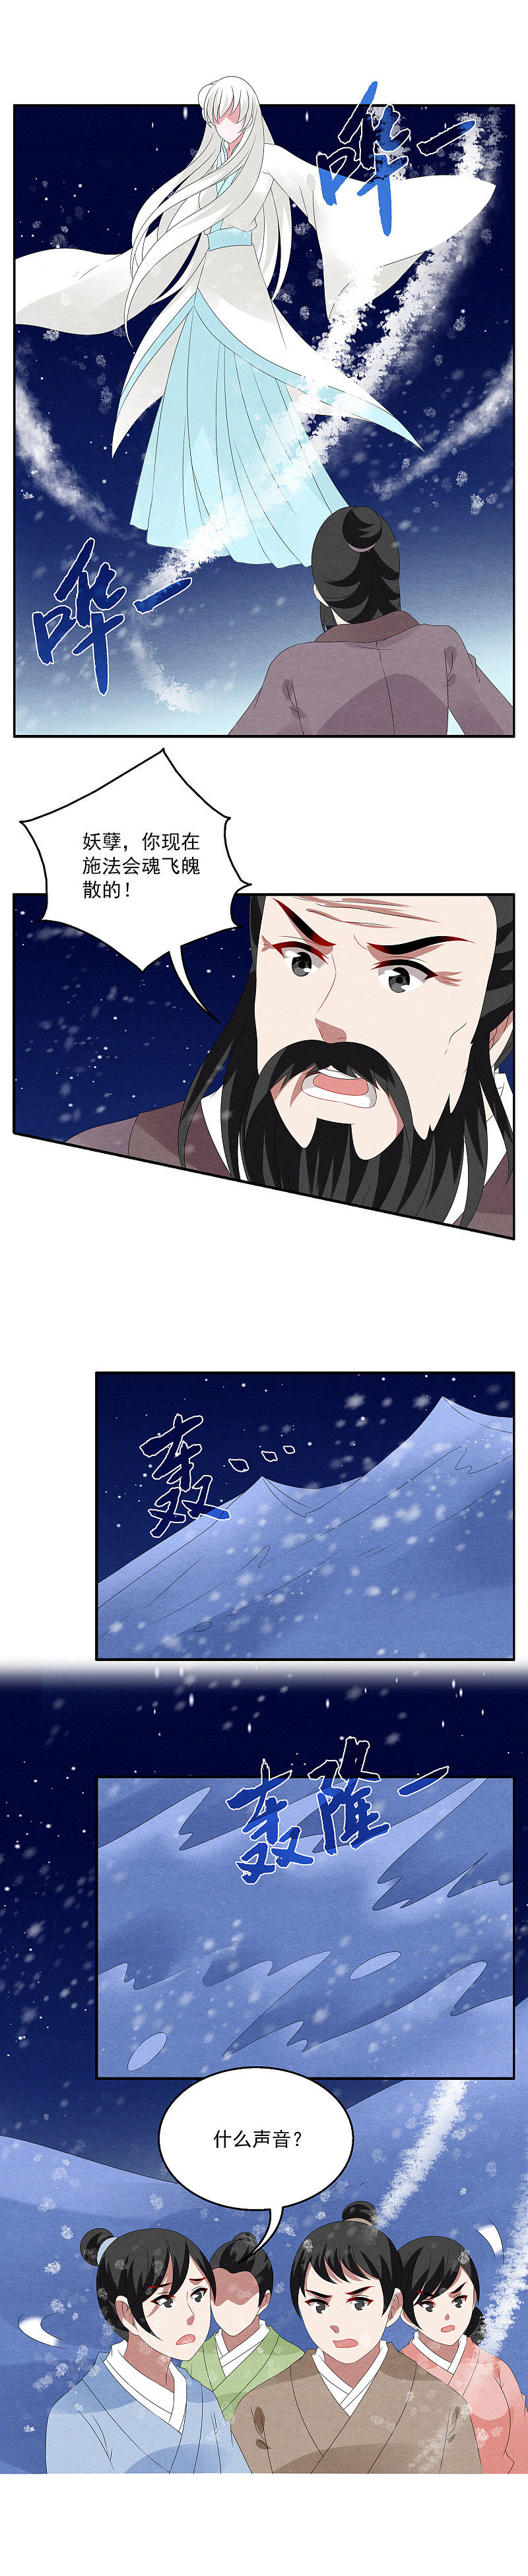 洛小妖101 (3).JPG